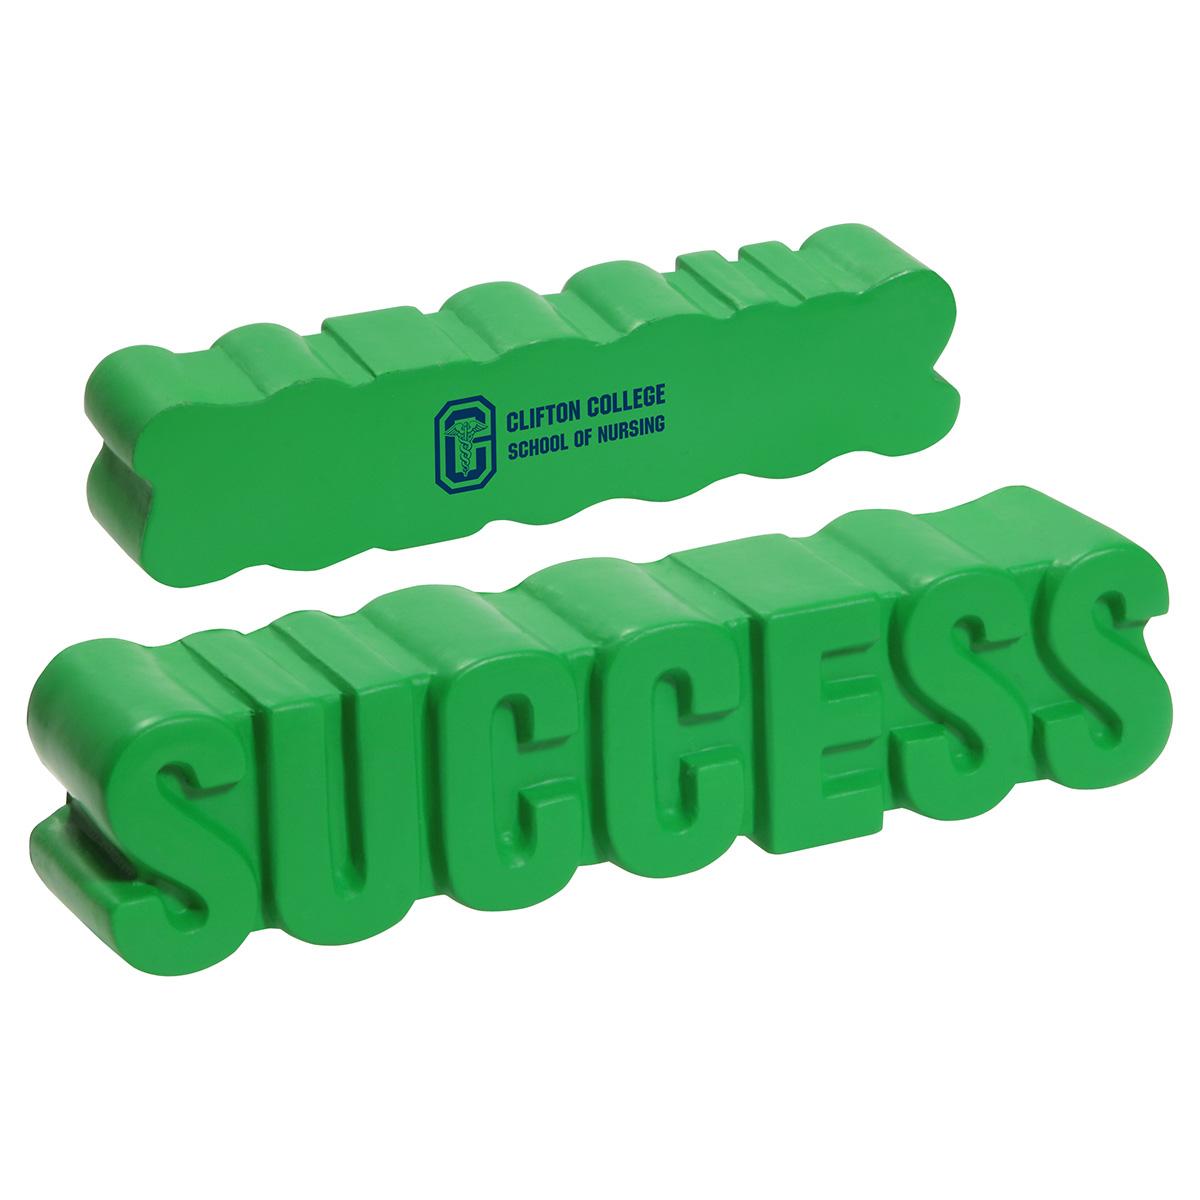 Success Word Stress Reliever, LGS-SC12 - 1 Colour Imprint